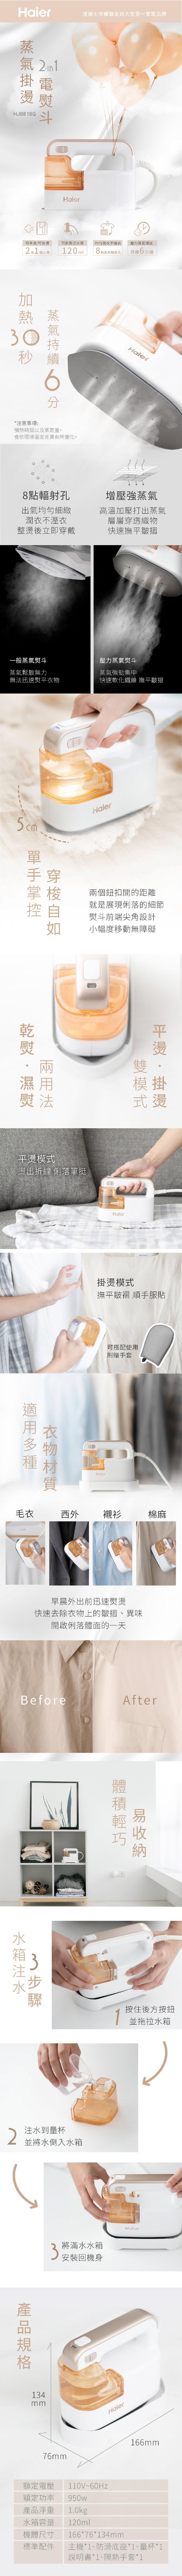 特賣【Haier 海爾】蒸氣掛燙 2in1電熨斗(香檳金) 贈 Horizon極致純棉隨身毛巾